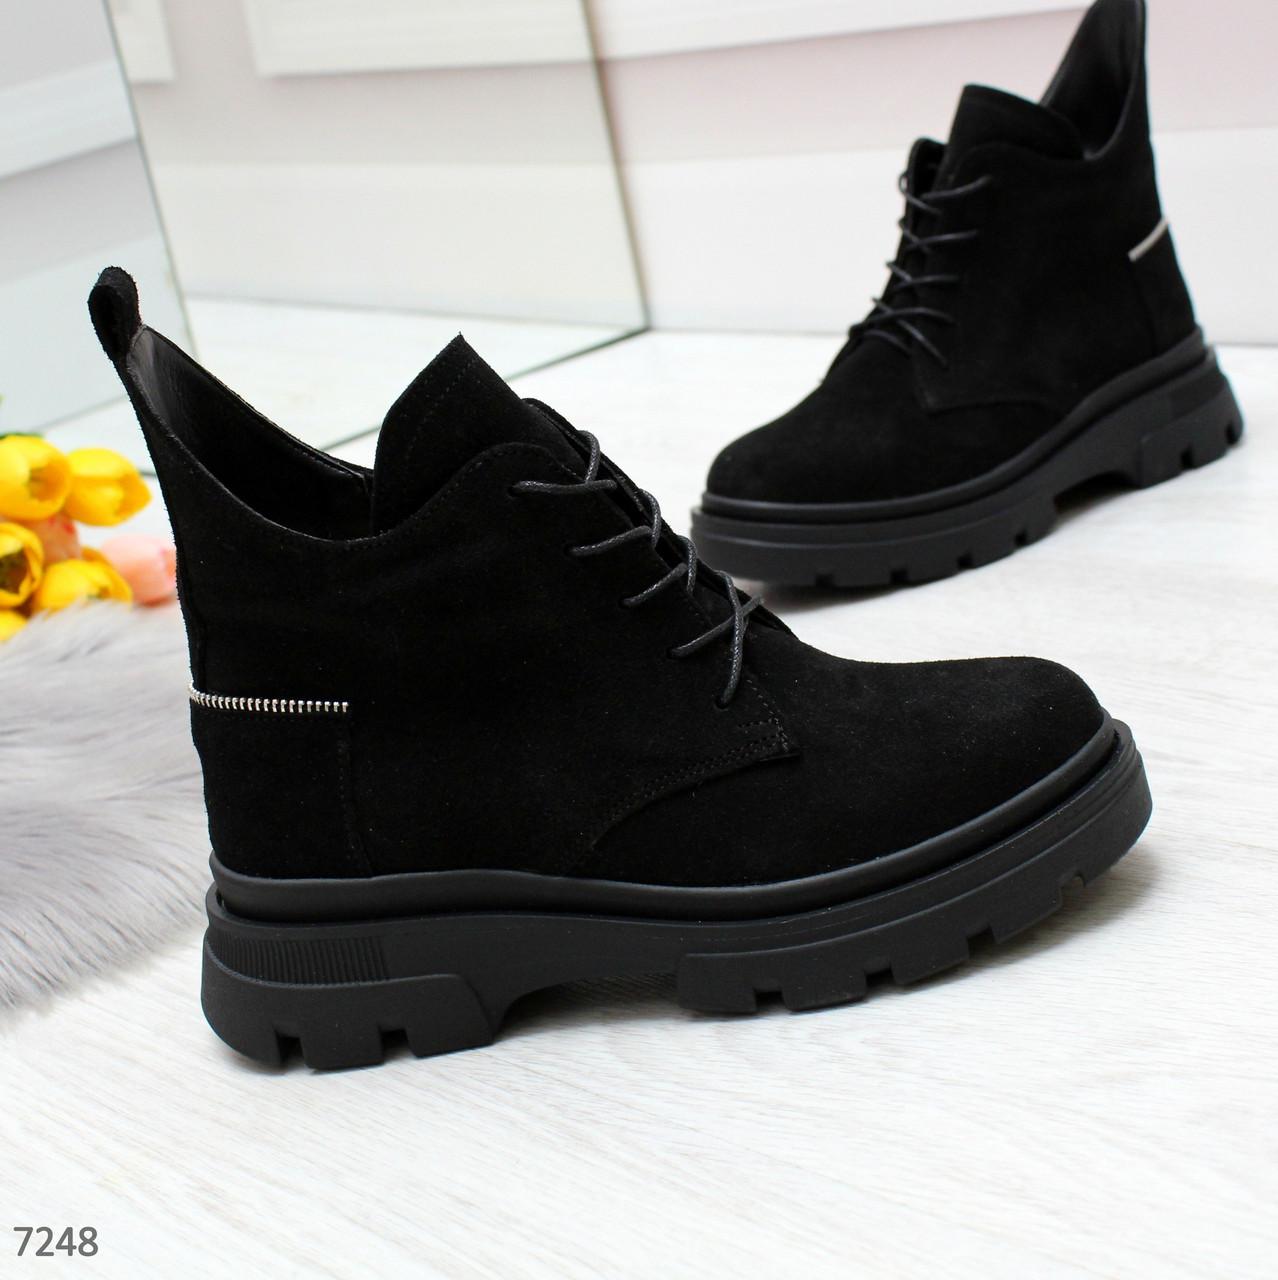 Ультра модные черные зимние женские ботинки из натуральной замши зима 2020-2021